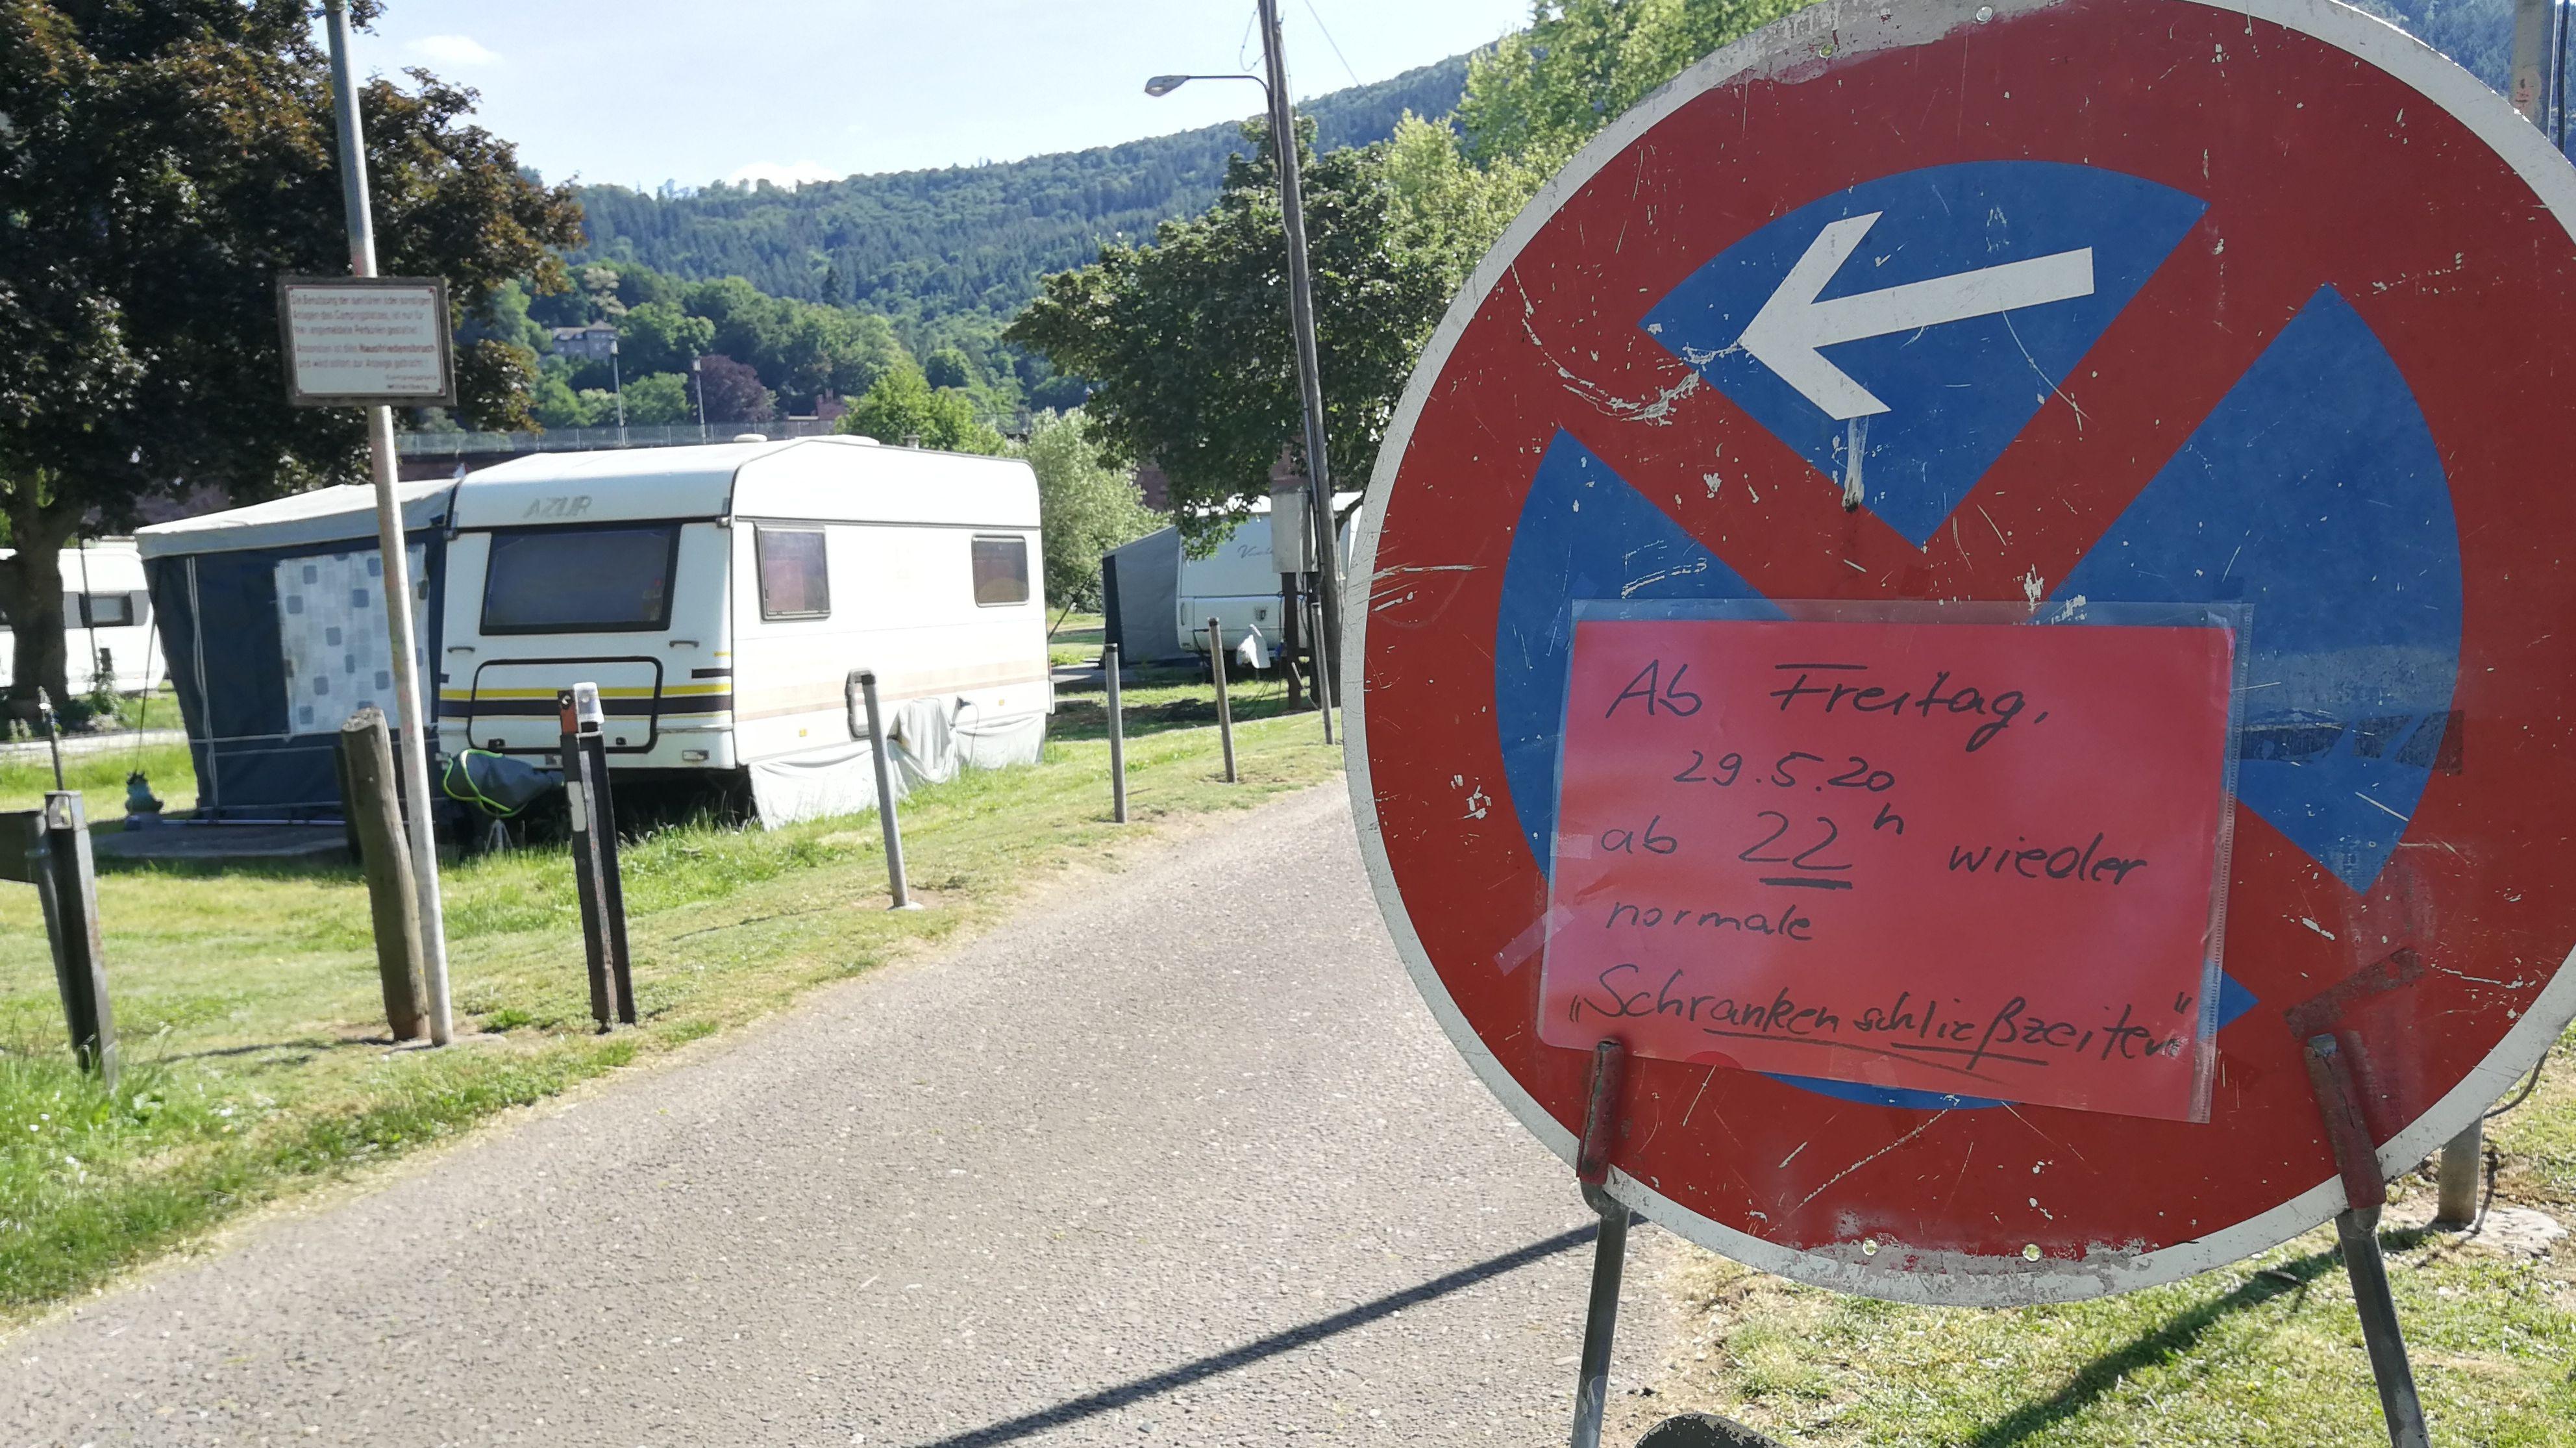 Campingplatz in Miltenberg